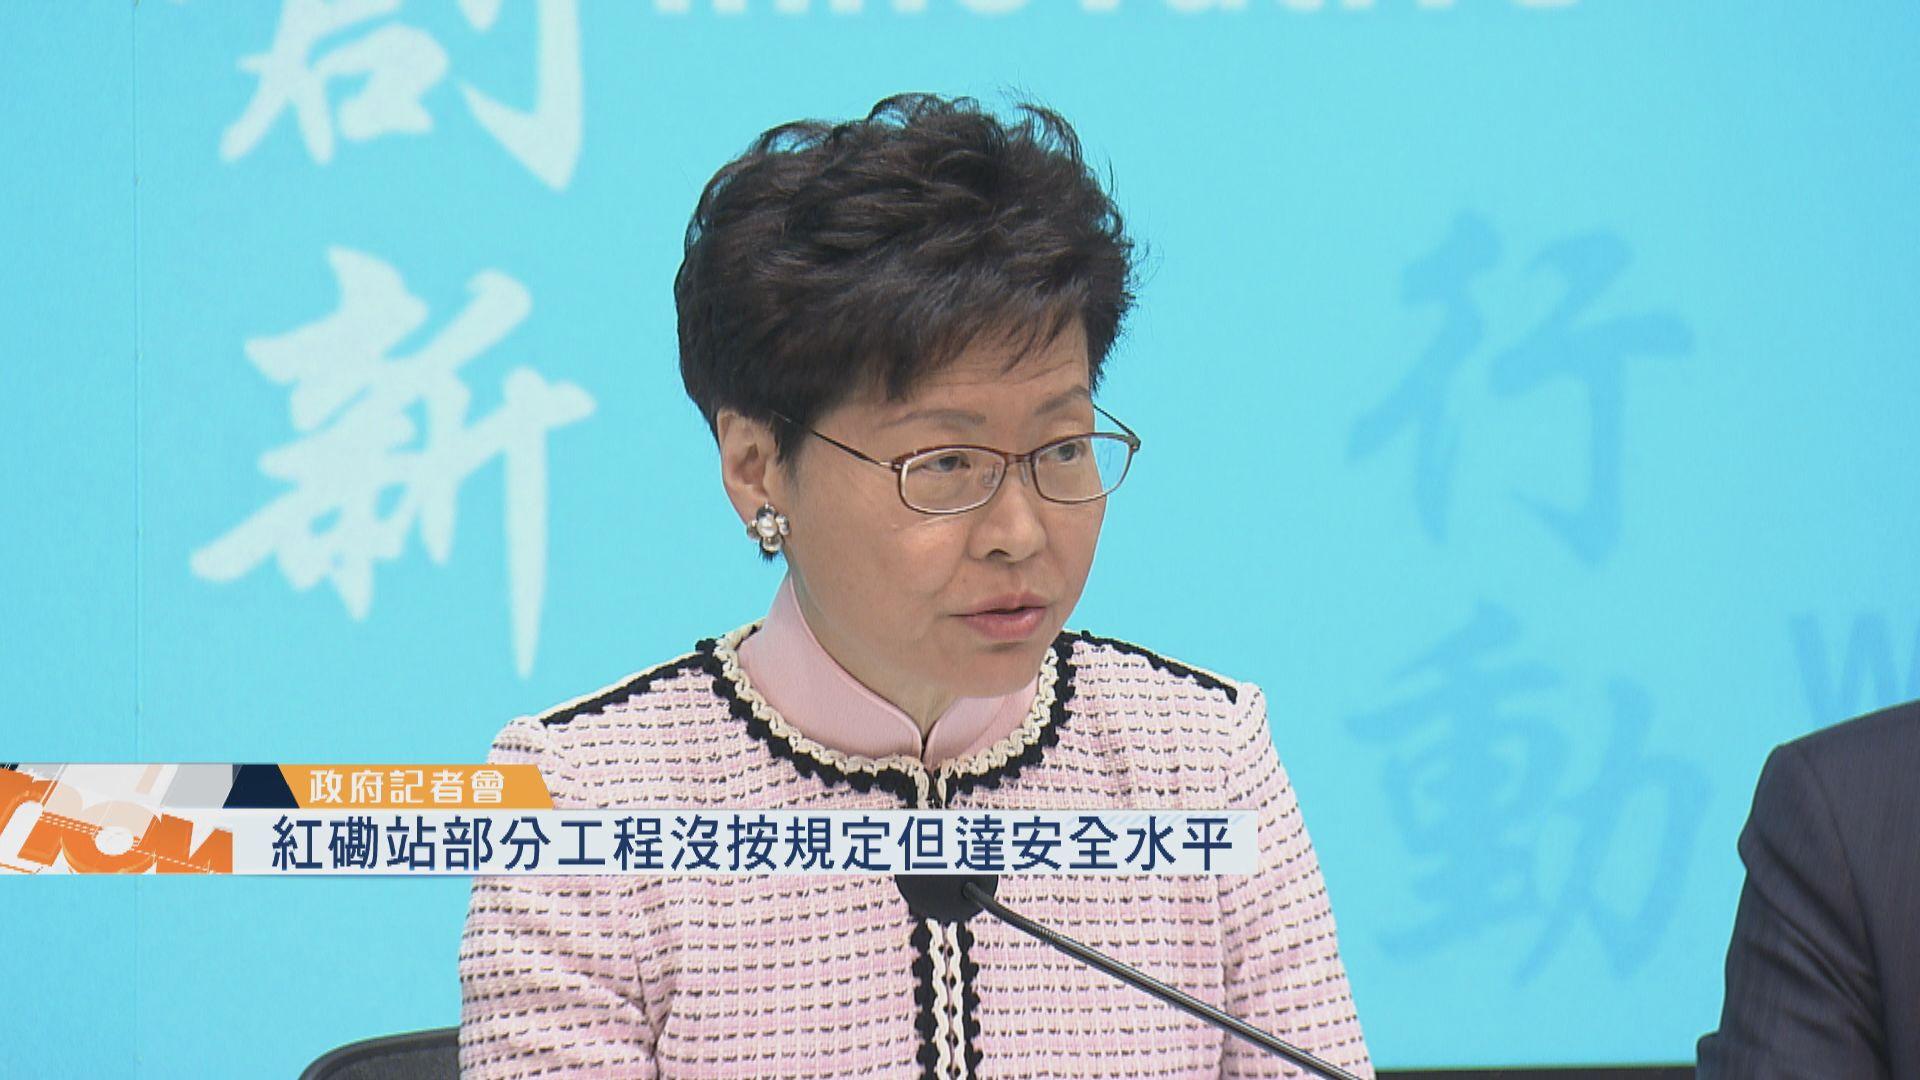 【沙中綫報告】林鄭:會跟進委員會建議挽回公眾對工程信心